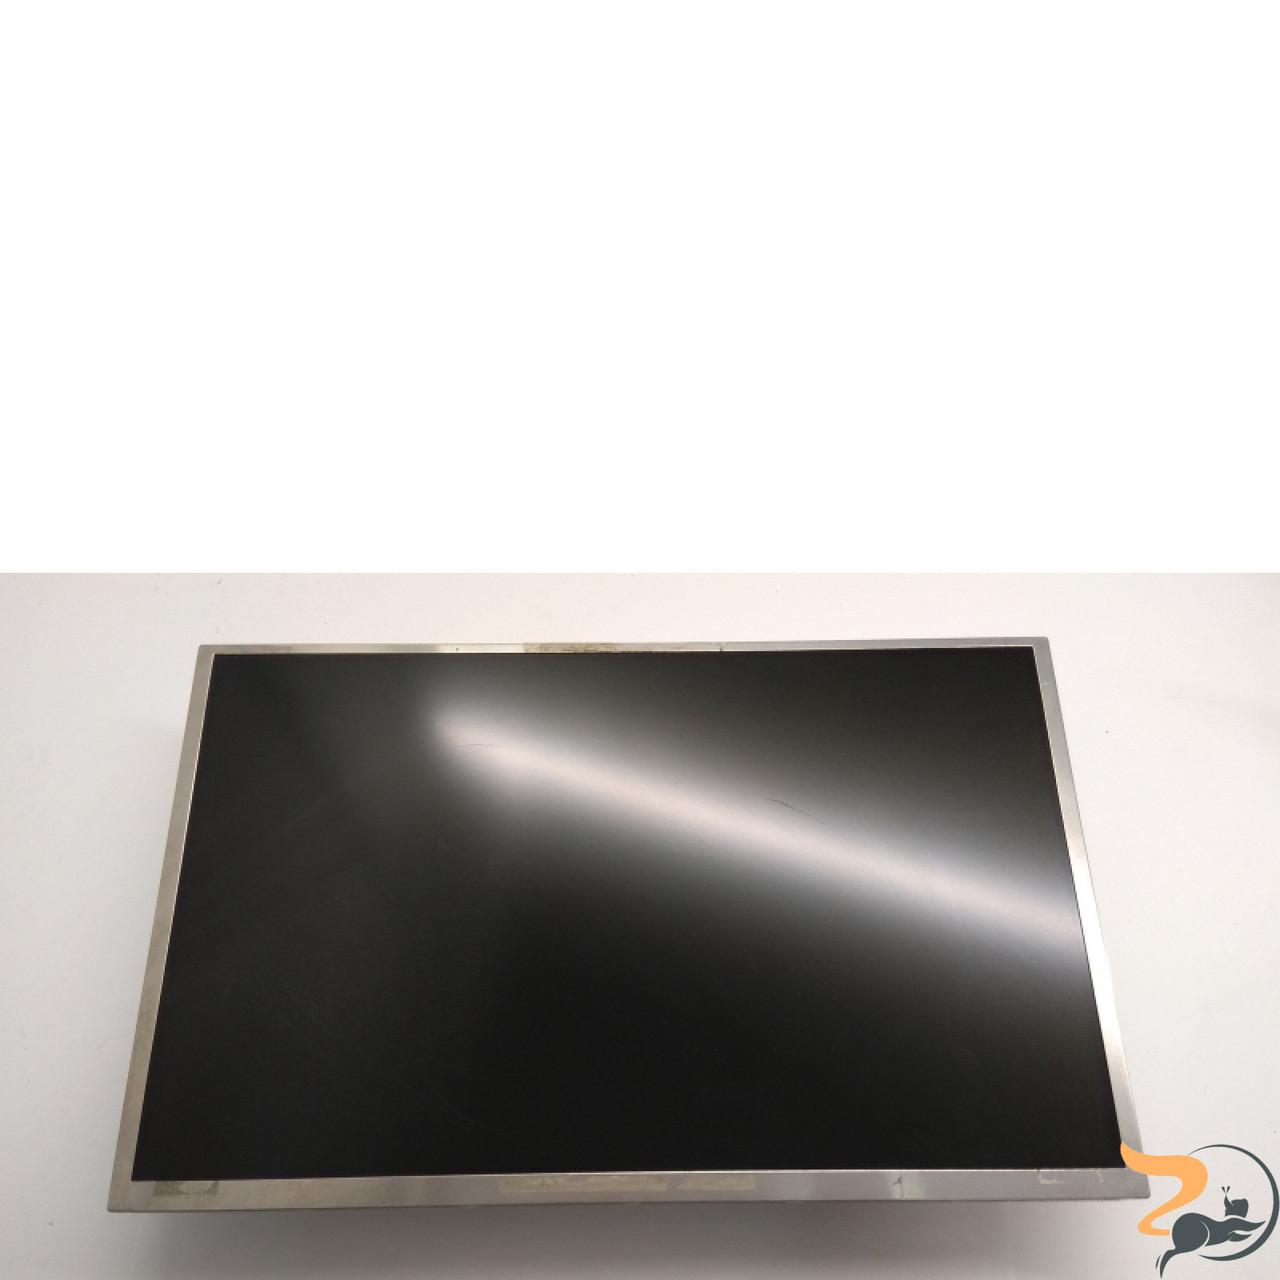 """Матриця SAMSUNG, LTN141BT04, 42T0503, 42T0504, 14.1"""", 40-pin, LCD, LED, WXGA+ 1440x900, Б/В. Немає можливості"""